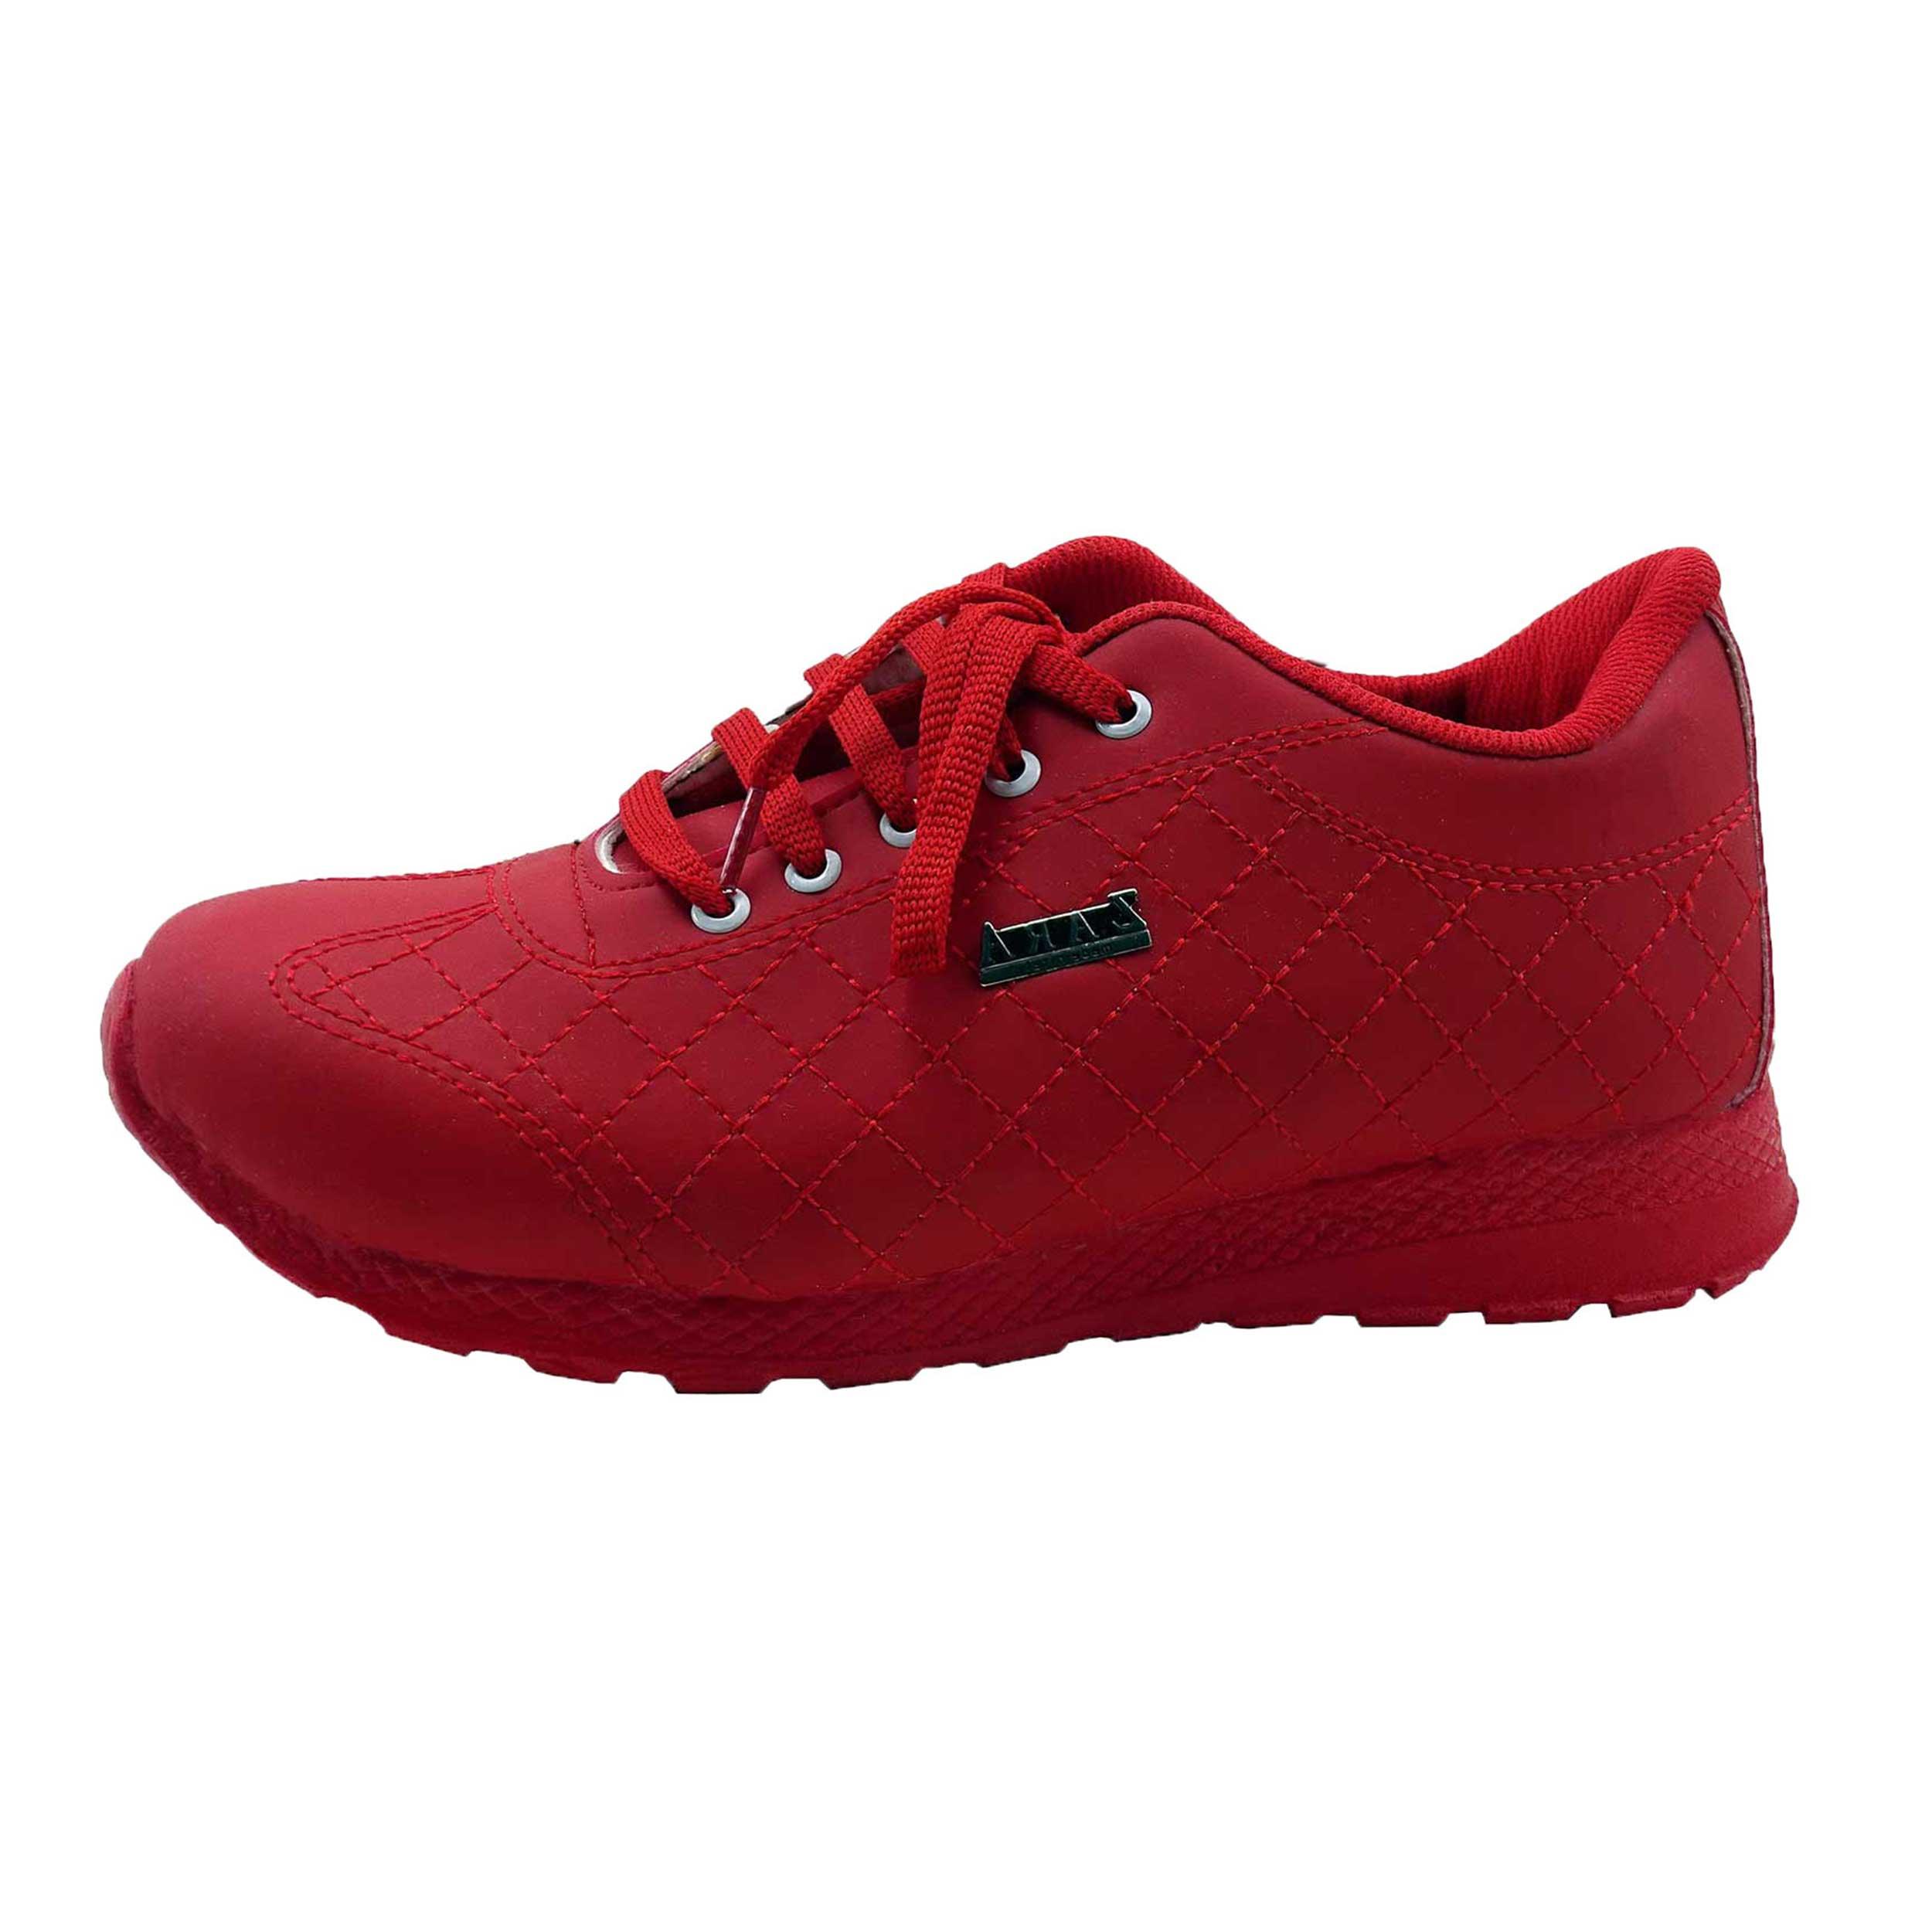 قیمت کفش مخصوص پیاده روی مردانه مدل M00810